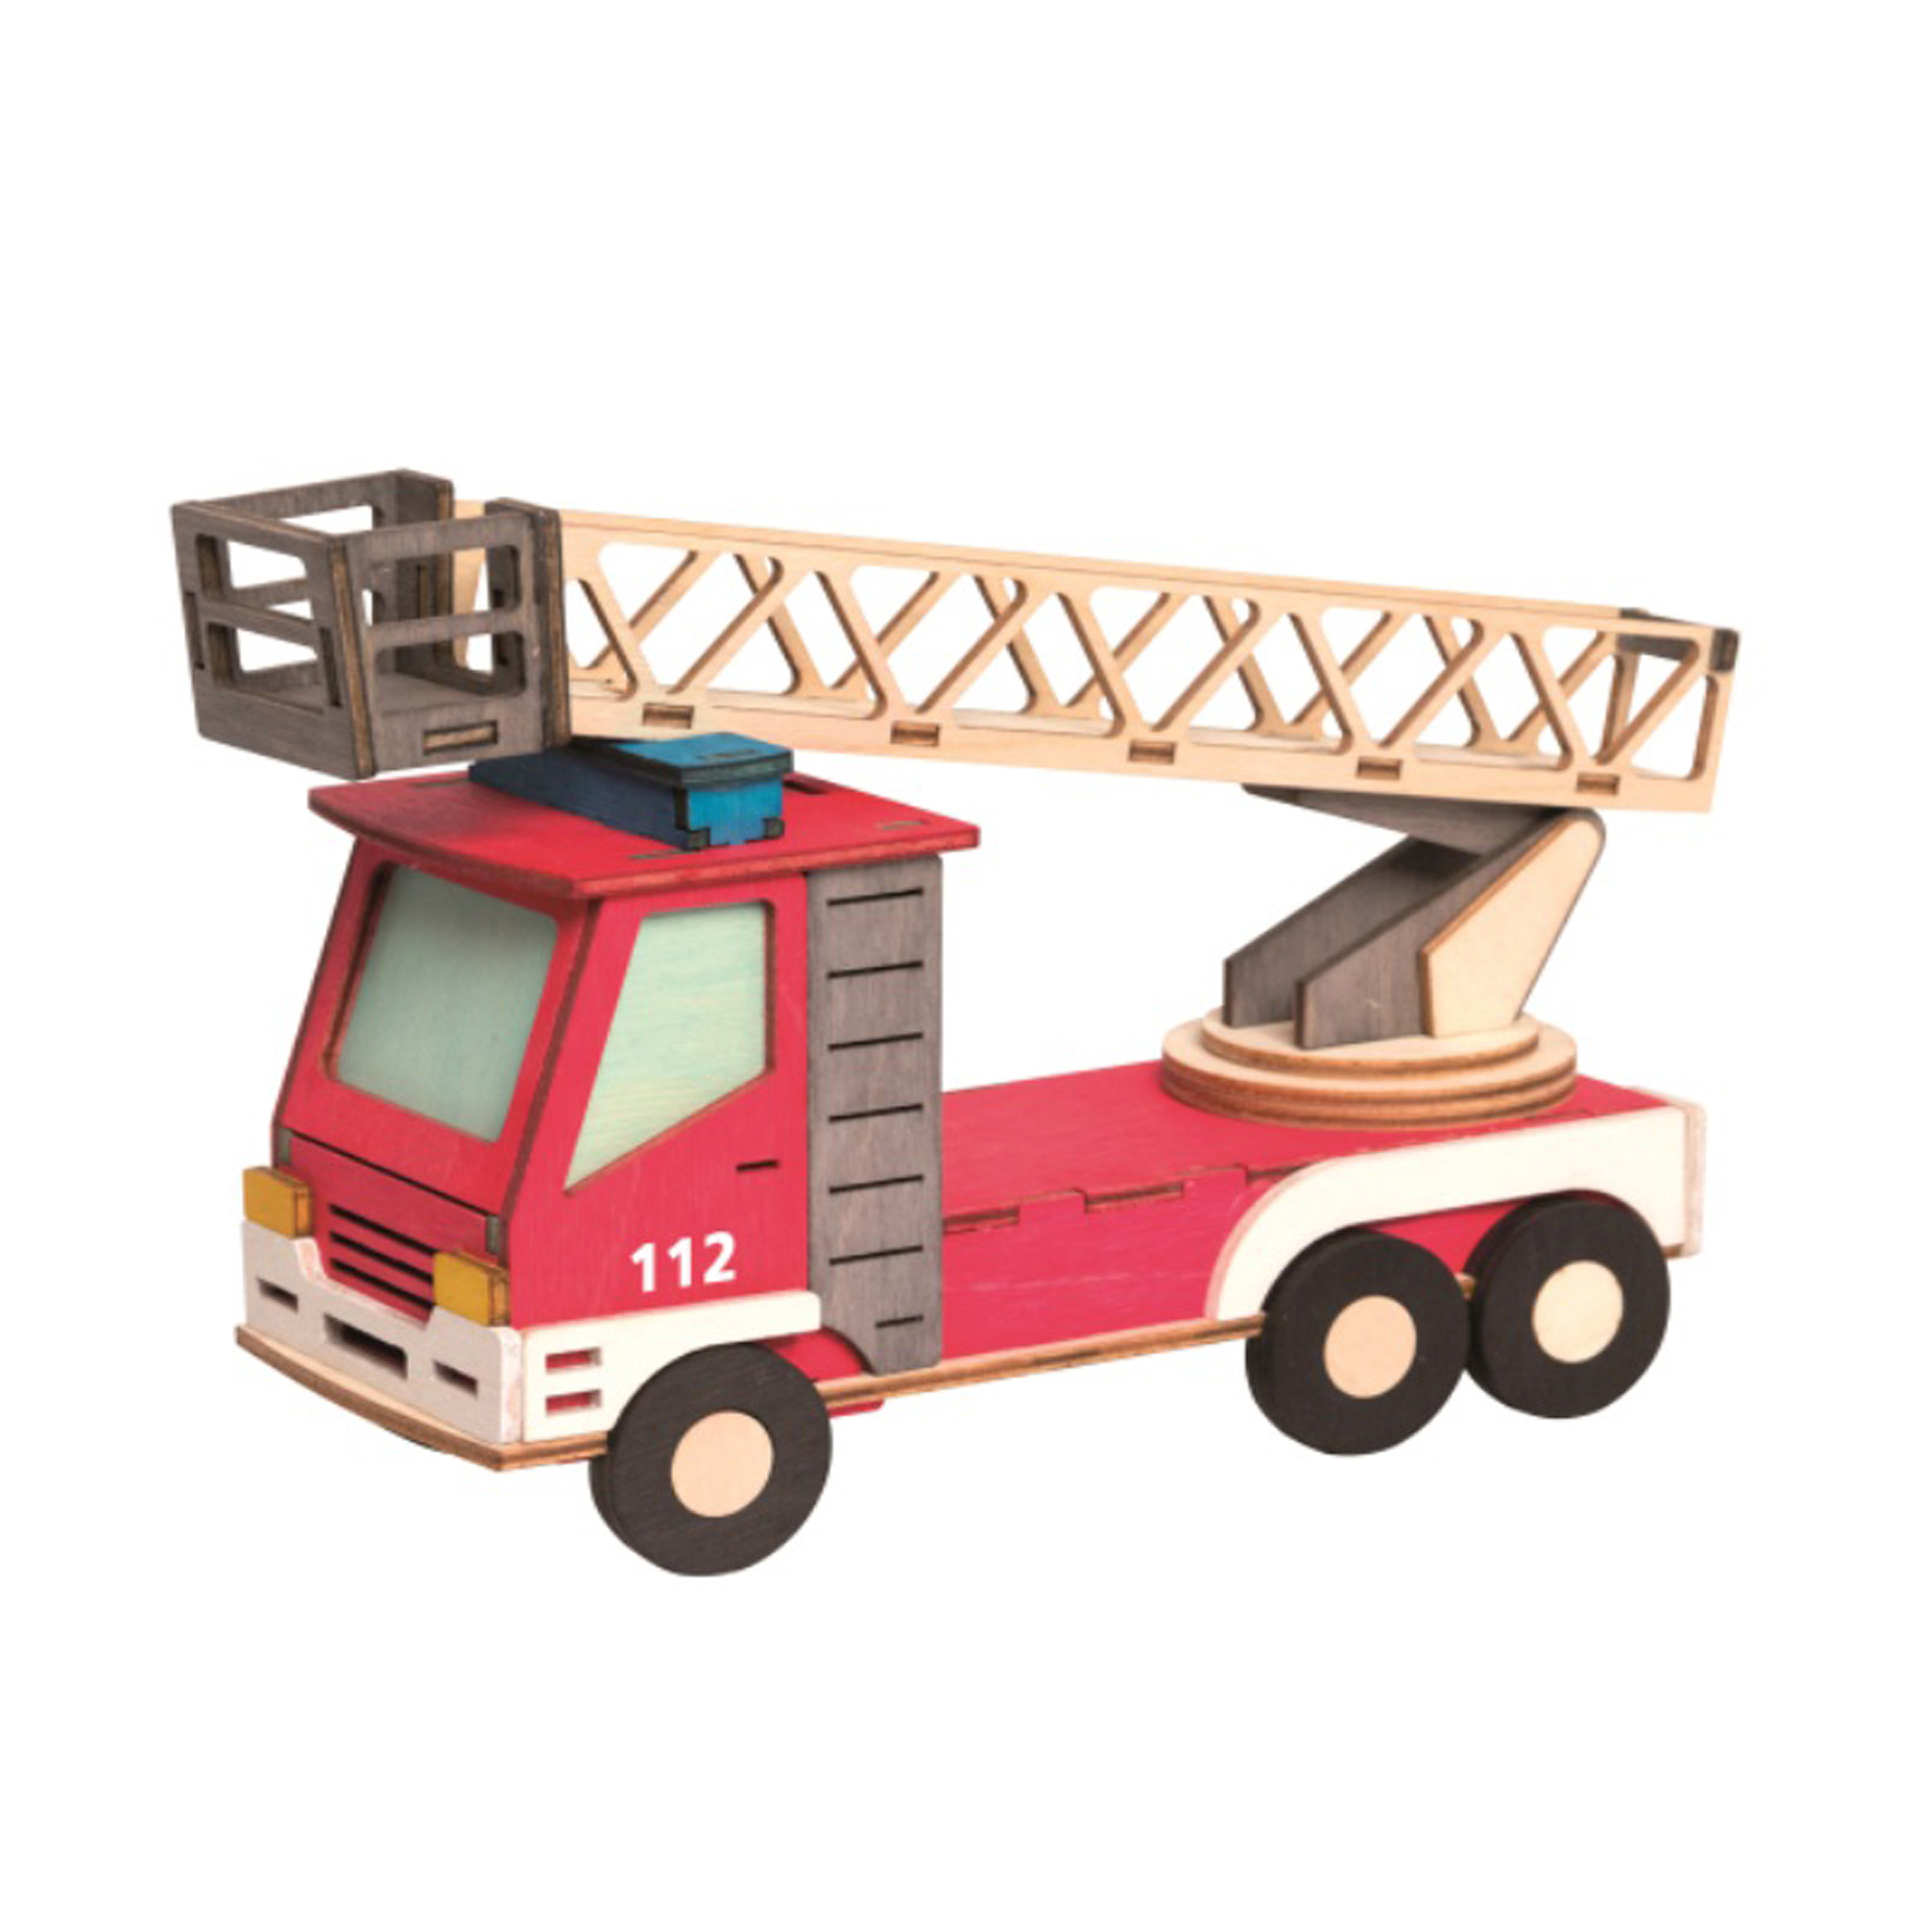 Bastelset Feuerwehr Rauchhaus